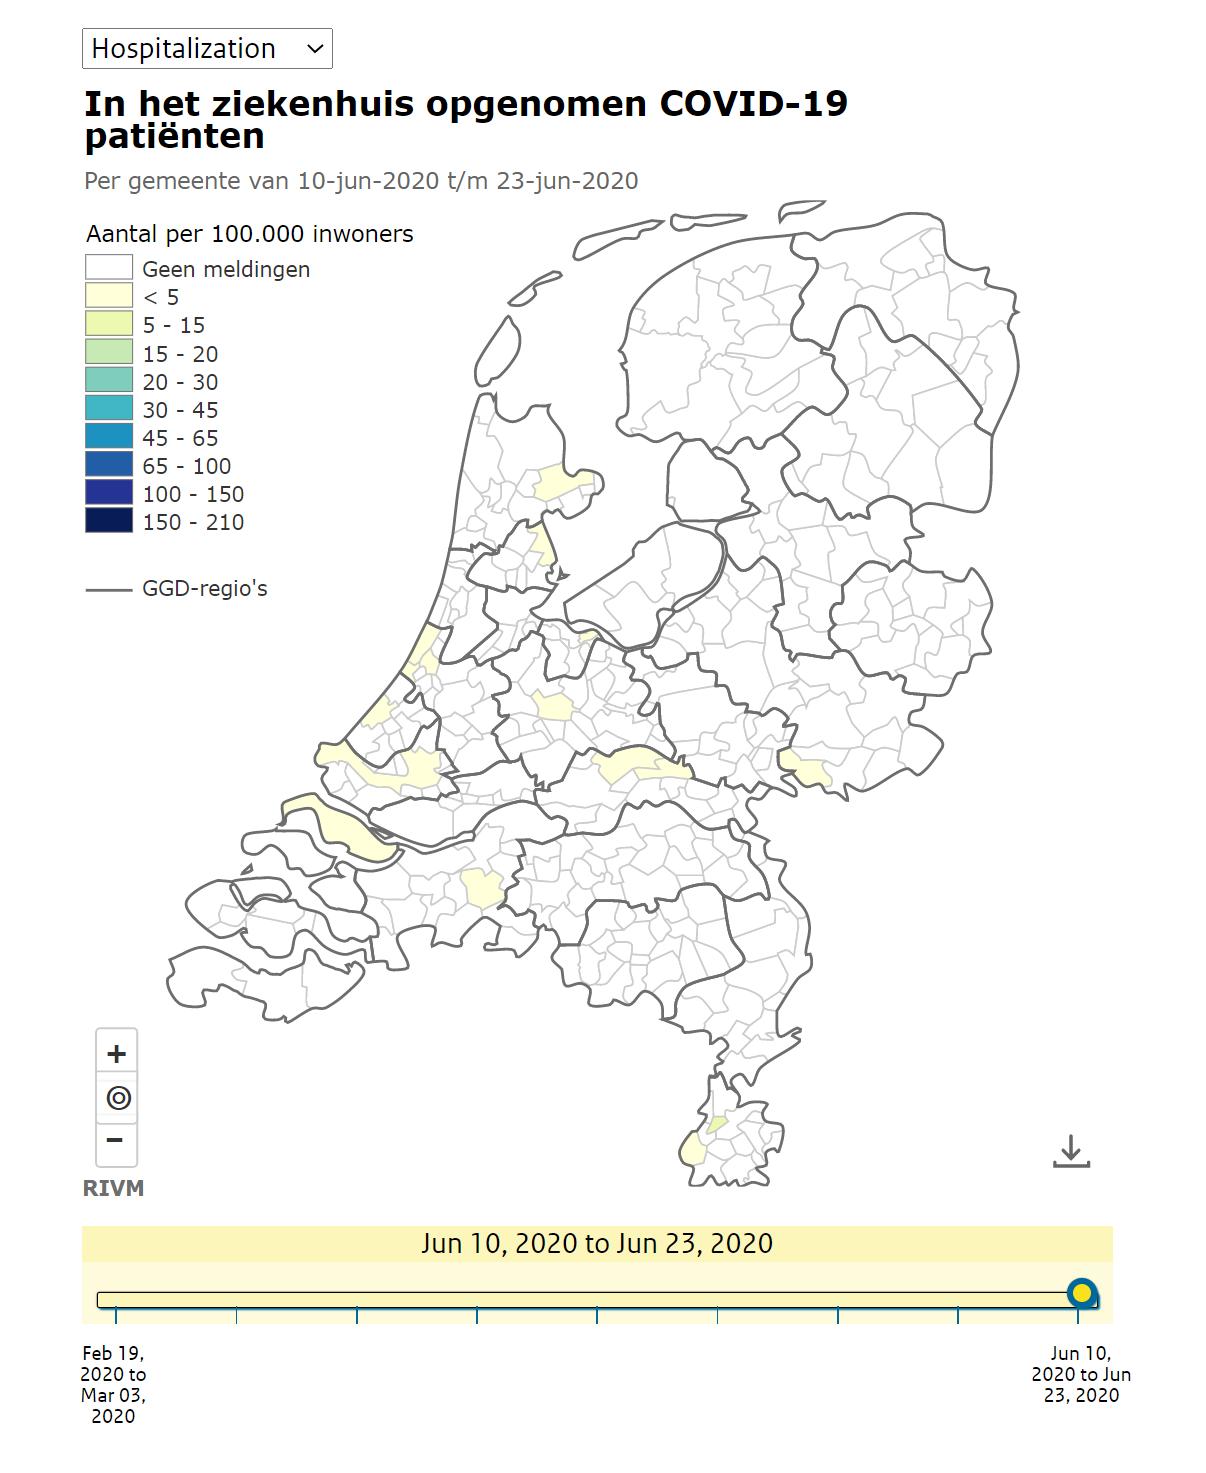 快讯!荷兰新增感染人数70人、死亡5人,累计确诊达到49722人